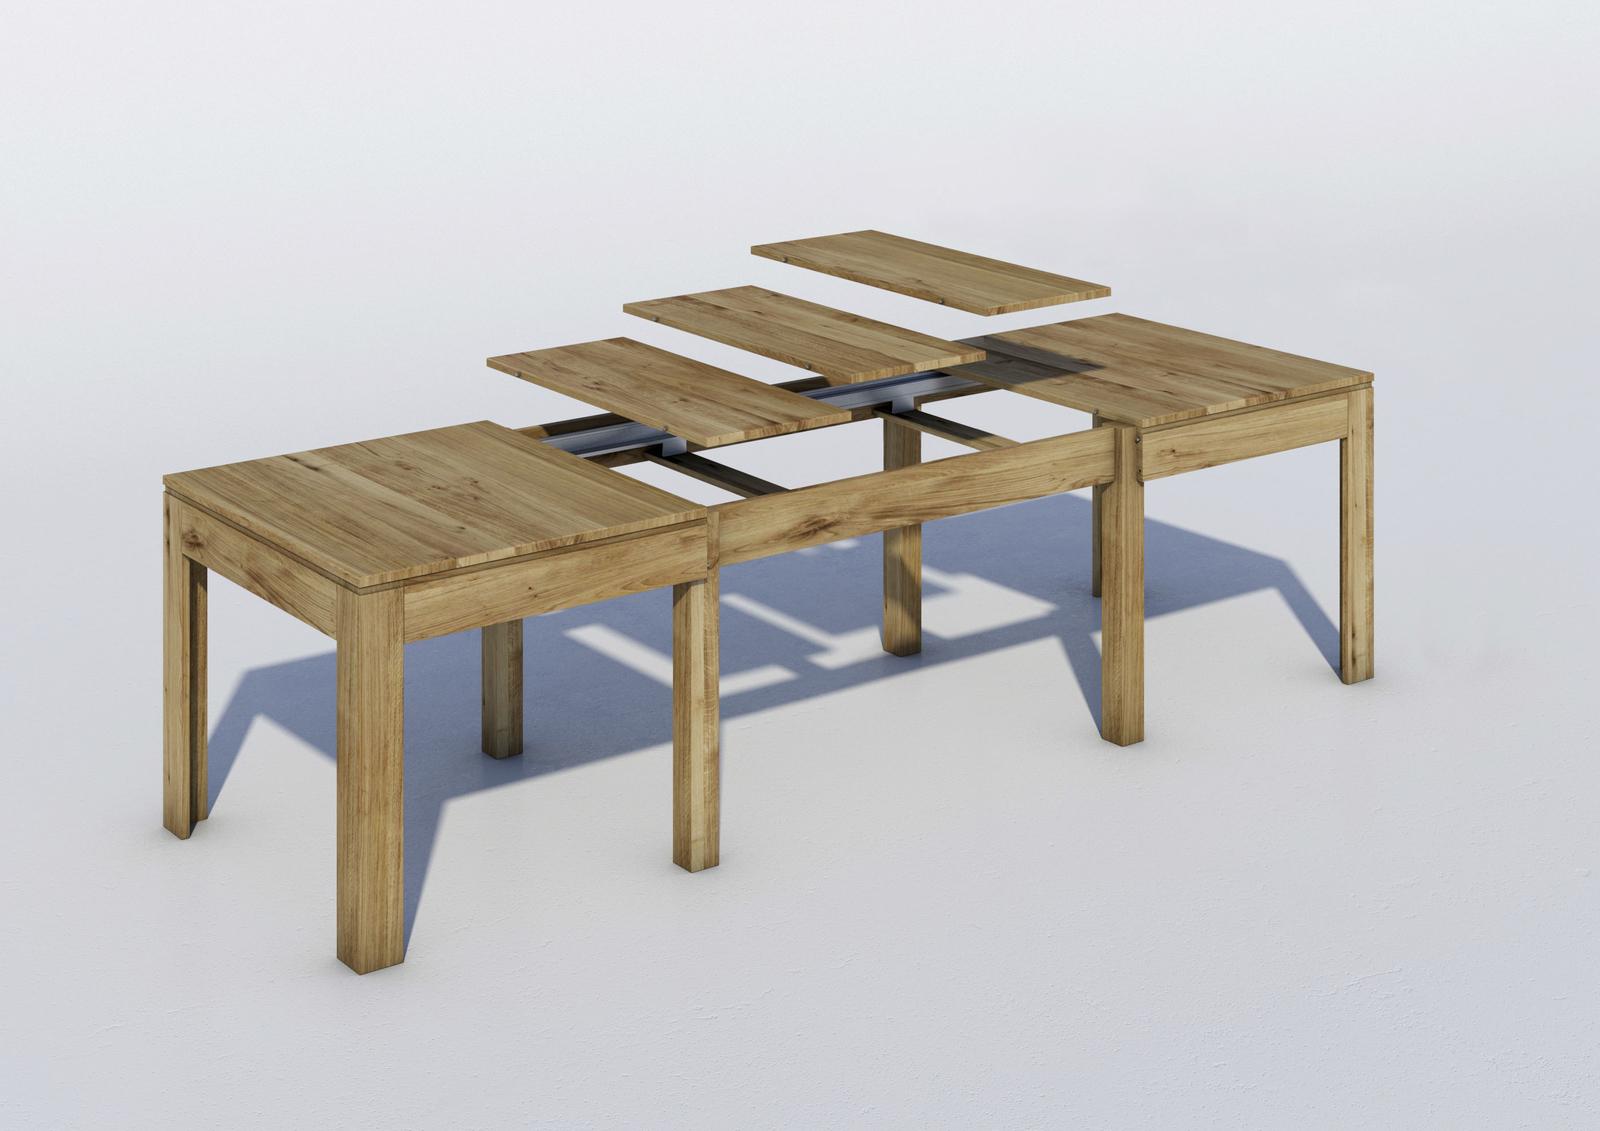 Entzückend Wildeiche Esstisch Ideen Von Massivholz Mit 3 Einlegeplatten